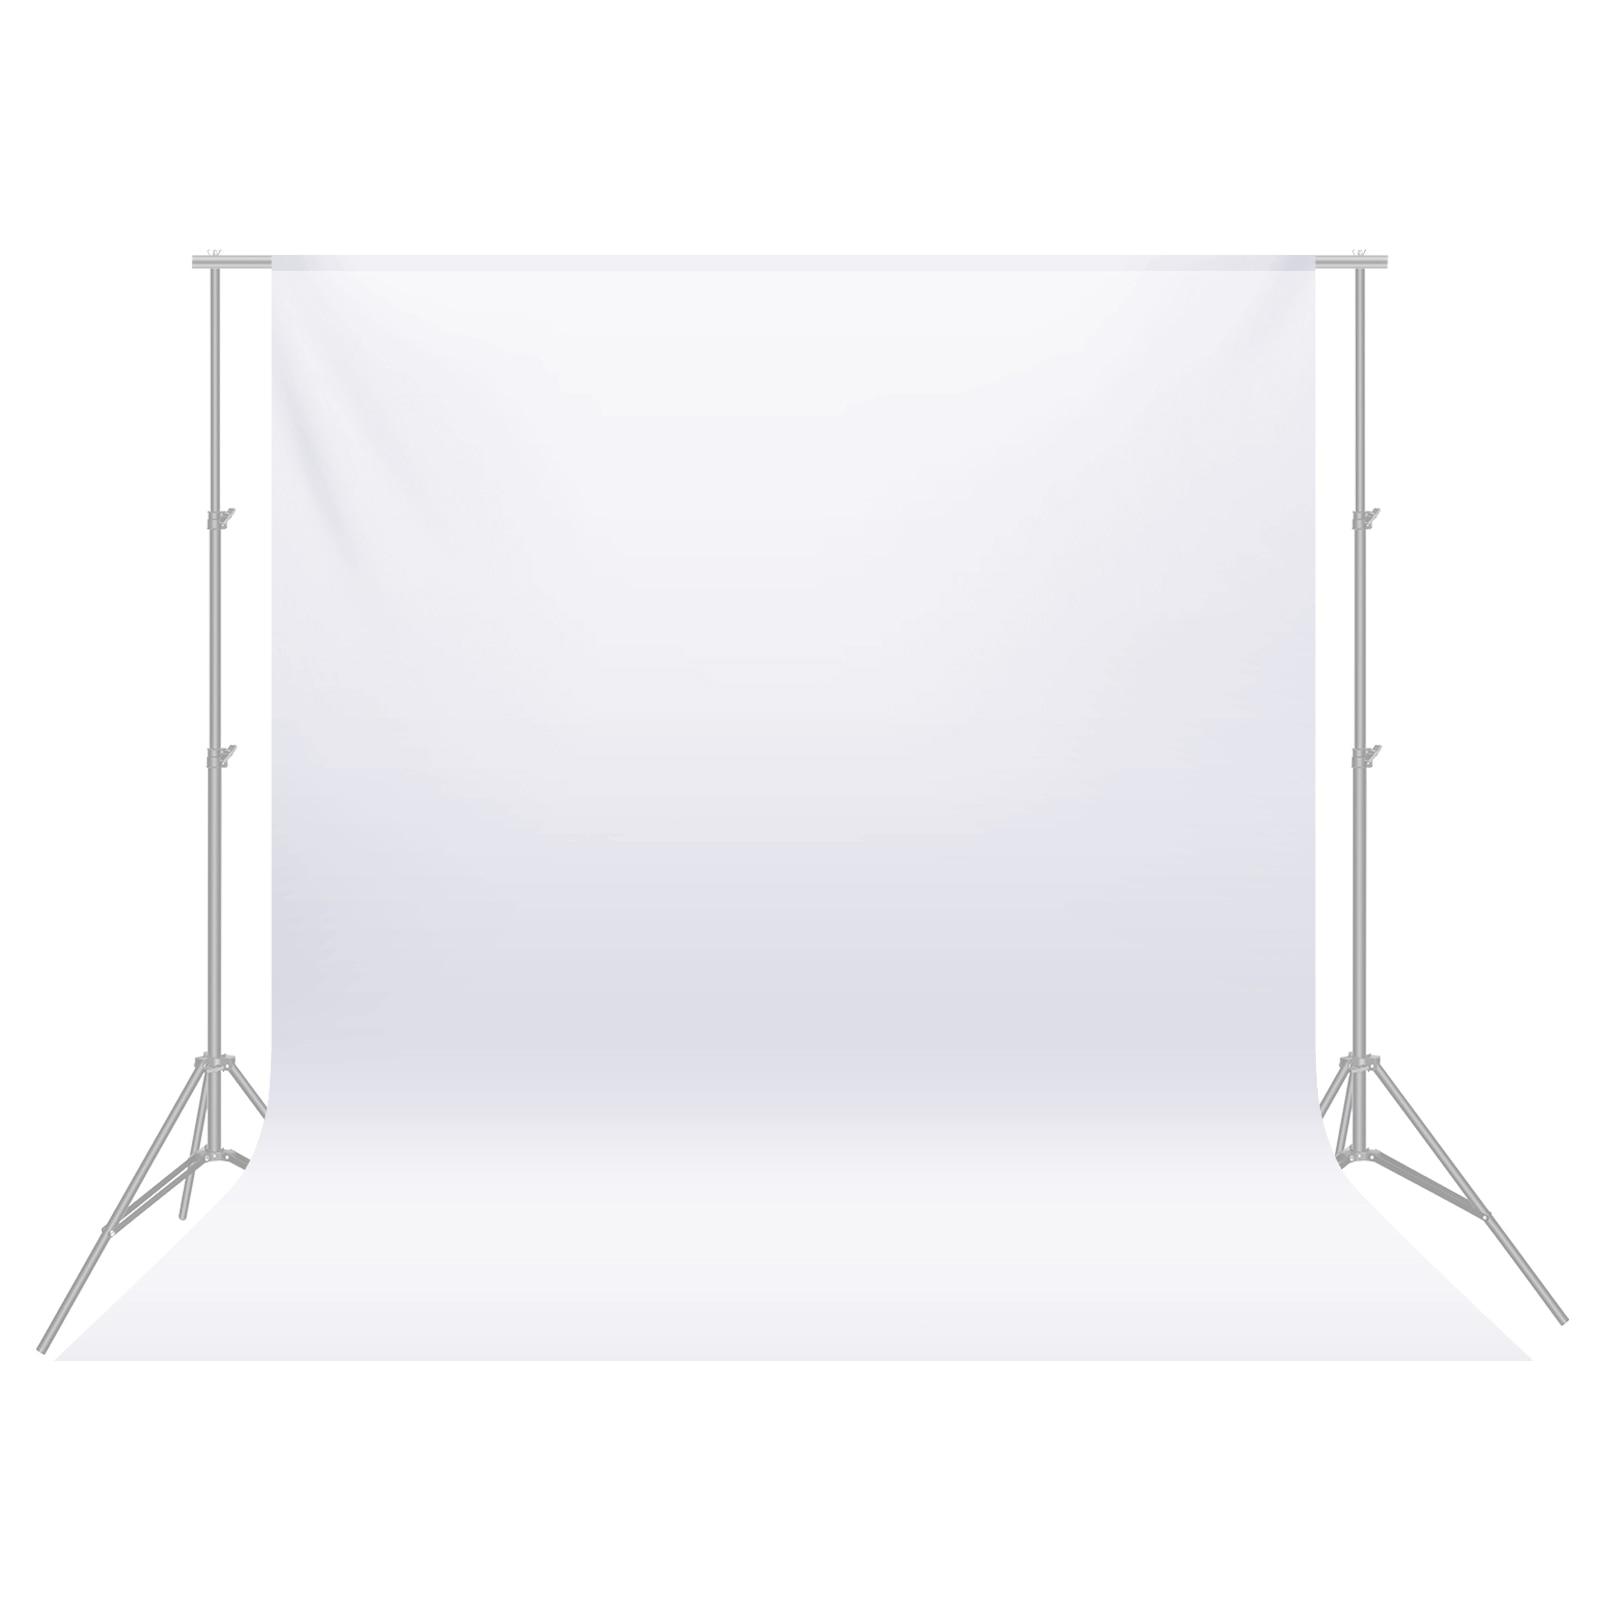 Neewer-خلفيات استوديو صور احترافية 3.6 ، قماش أبيض نقي 3 × 100% متر ، شاشة خلفية قابلة للطي ، للبيع